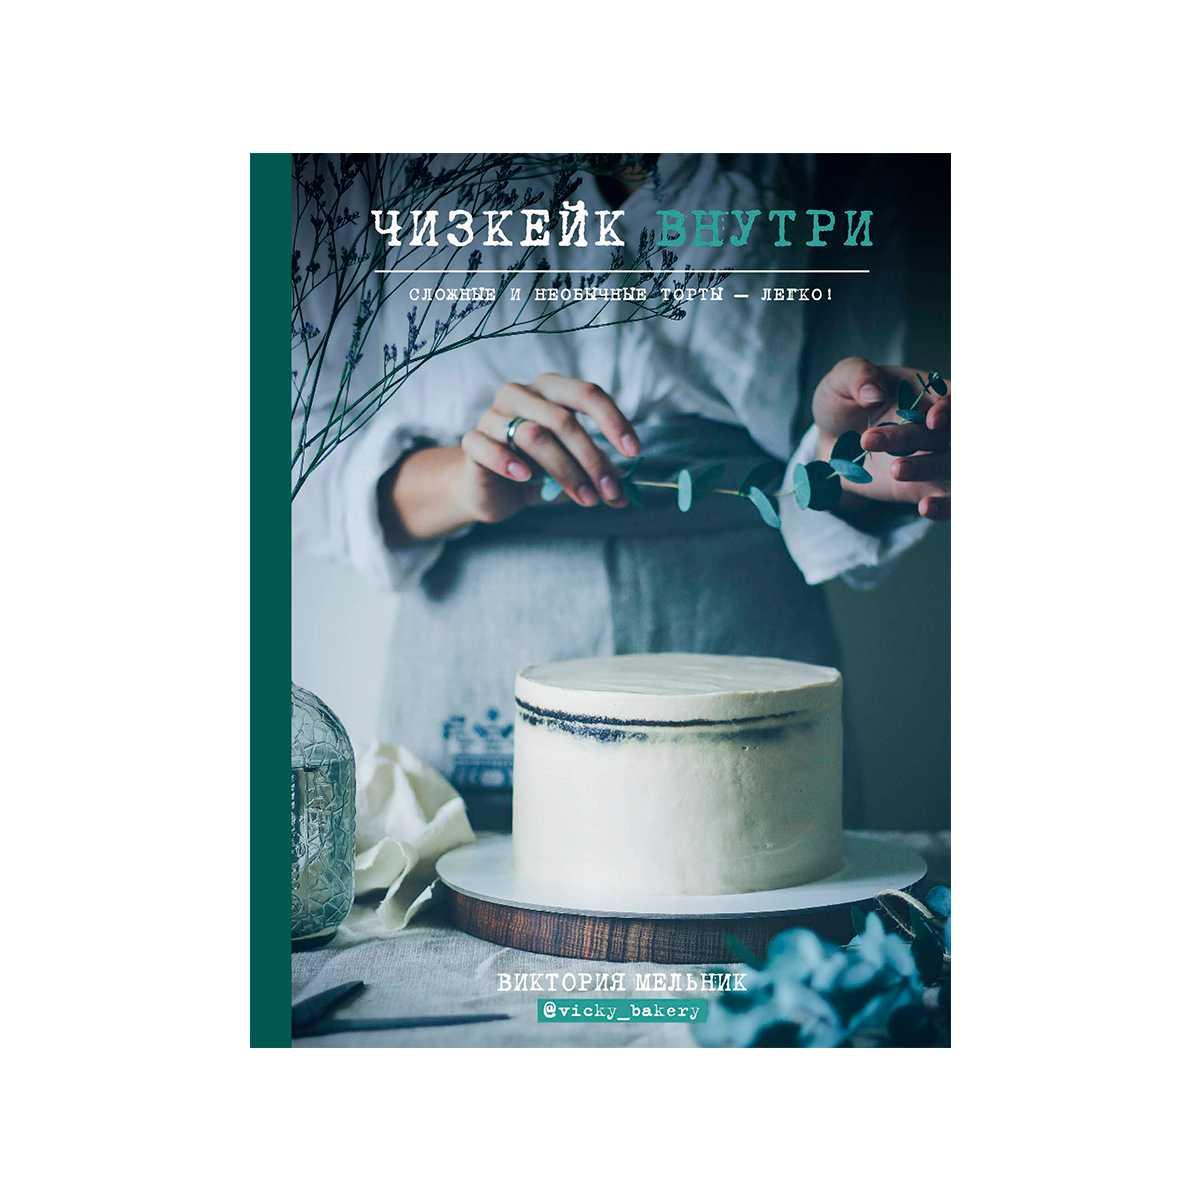 """Онлайн каталог PROMENU: Книга """"Чизкейк внутри. Сложные и необычные торты - легко!"""" Books 9785699902828"""